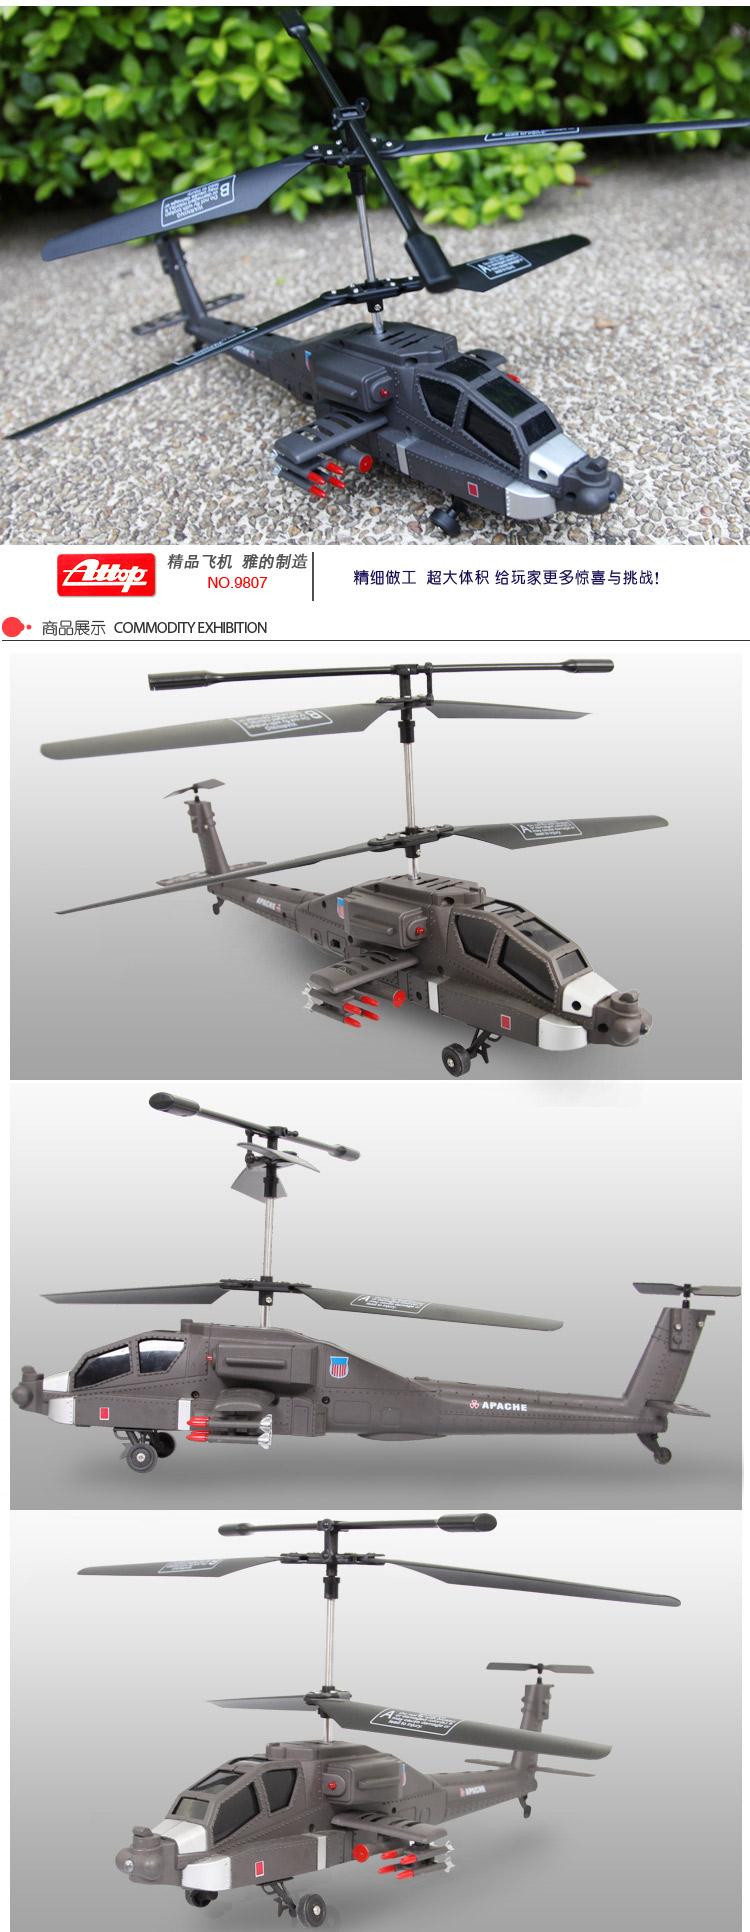 5通道遥控飞机 儿童玩具 陀螺仪直升机 航模yd-9807 黑灰色